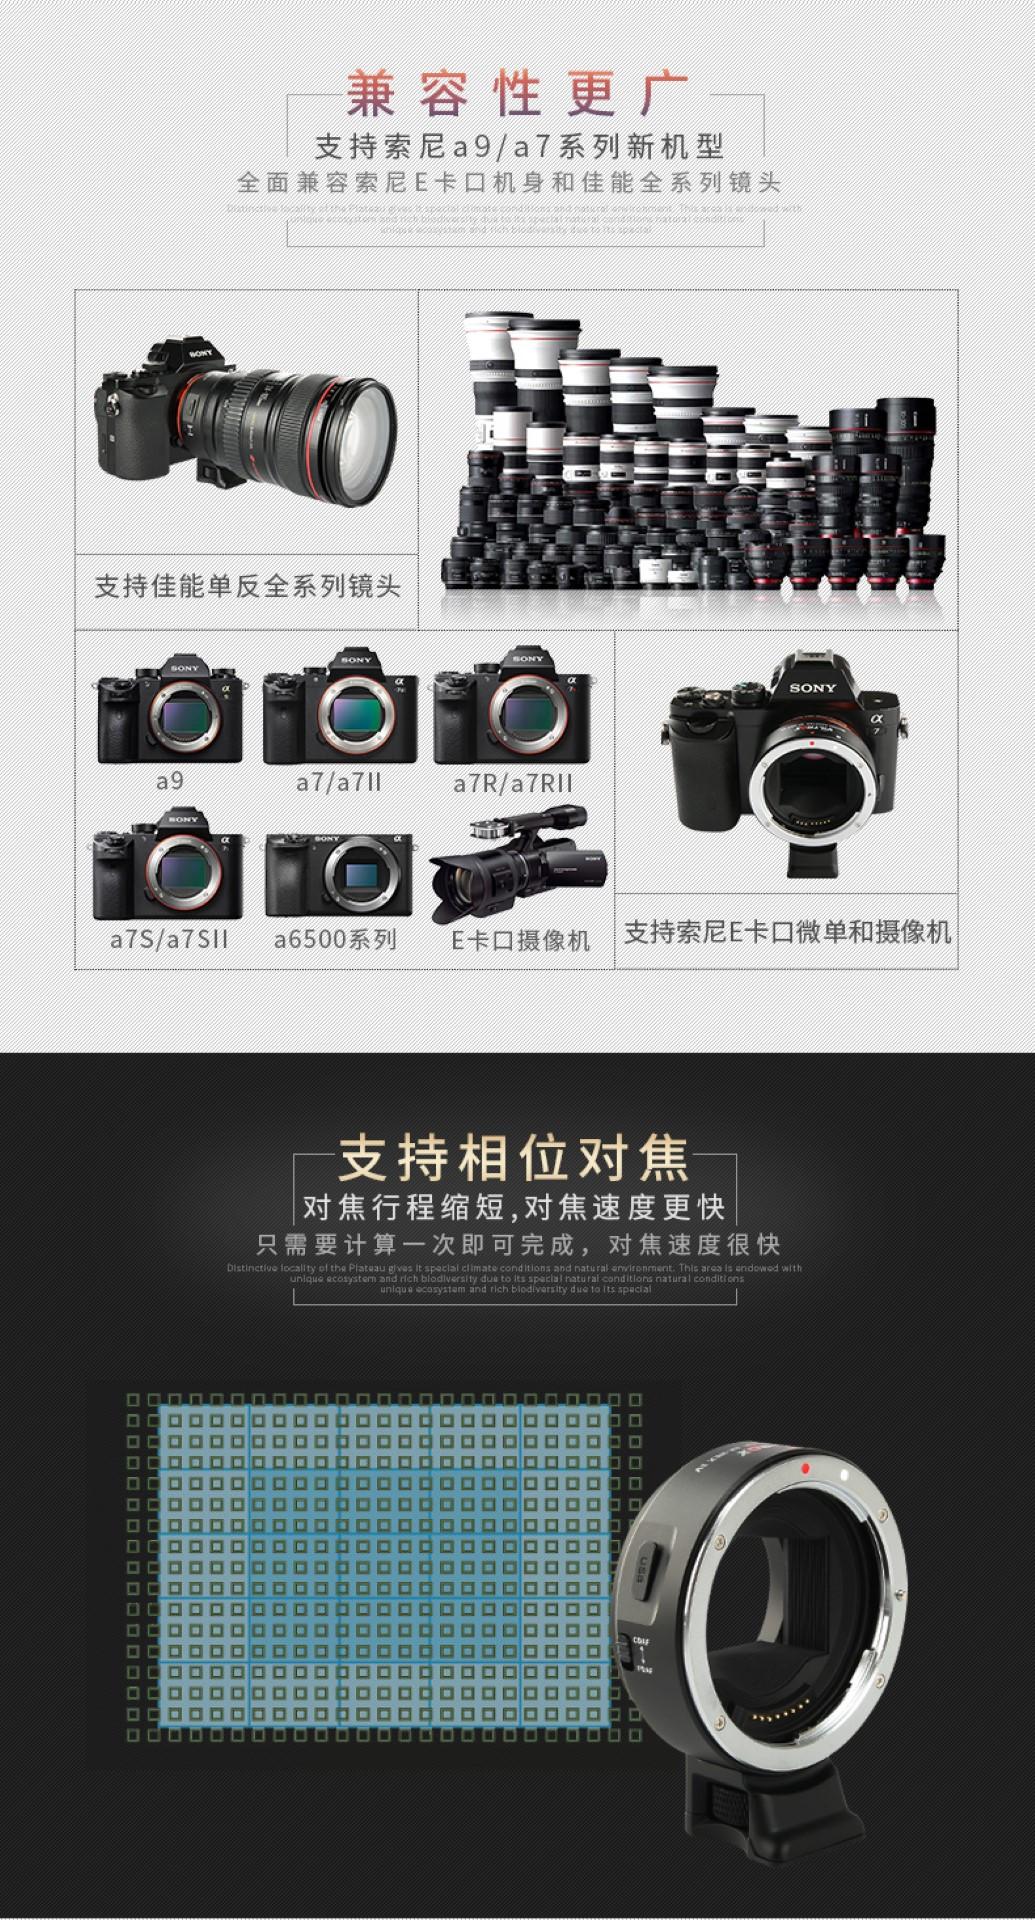 viltrox-ef-nex-iv-lens-adapter-d-yingkee2.jpg